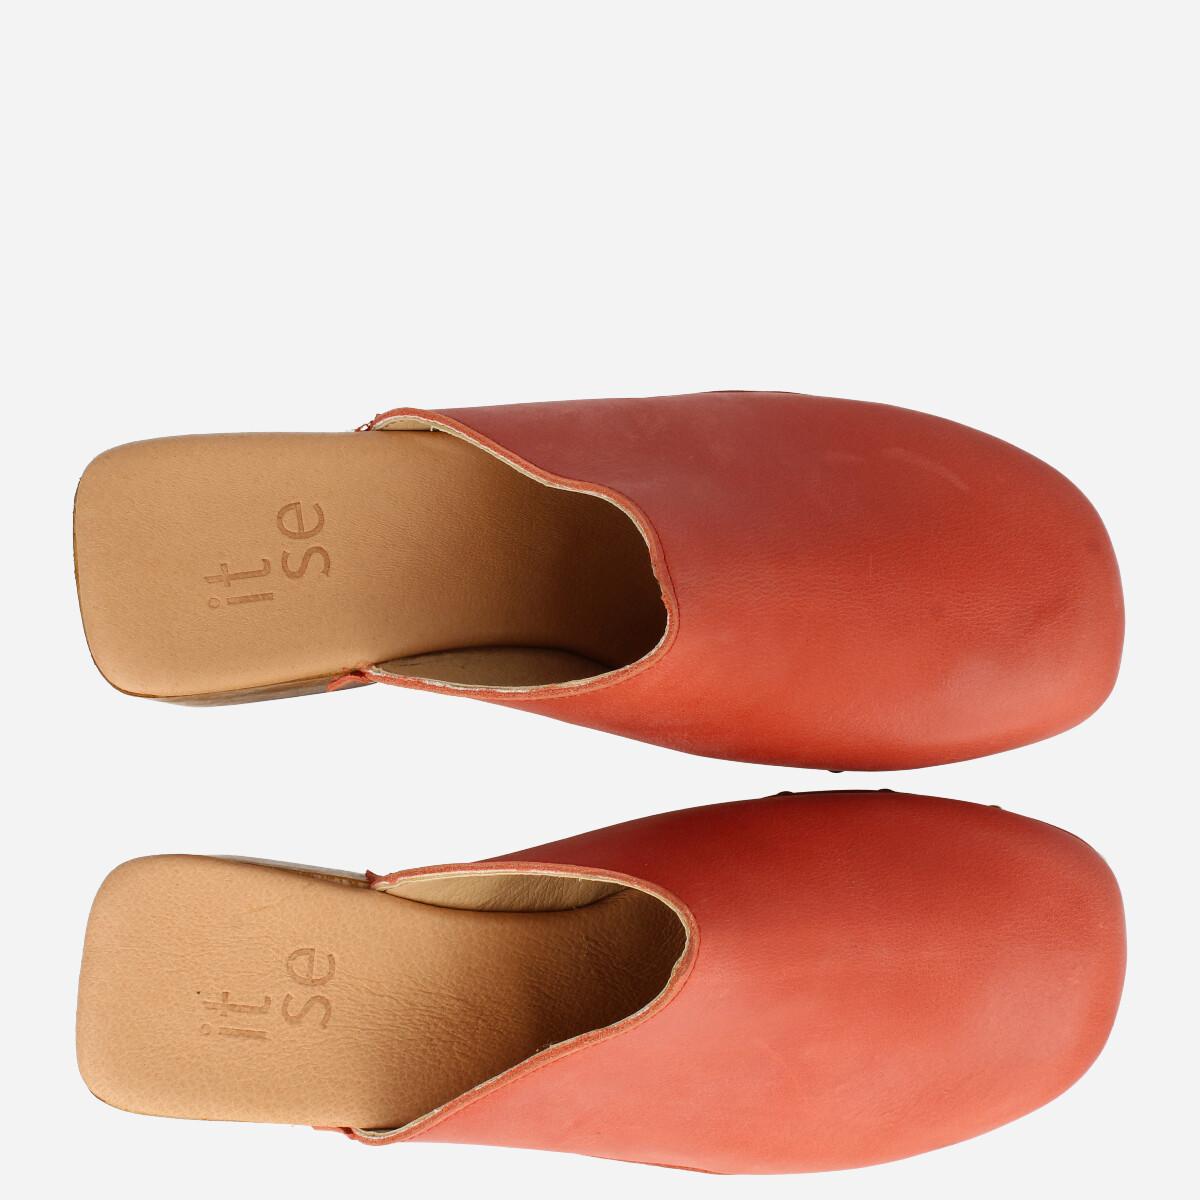 Sneaker Air Max Bella Blanco Nike